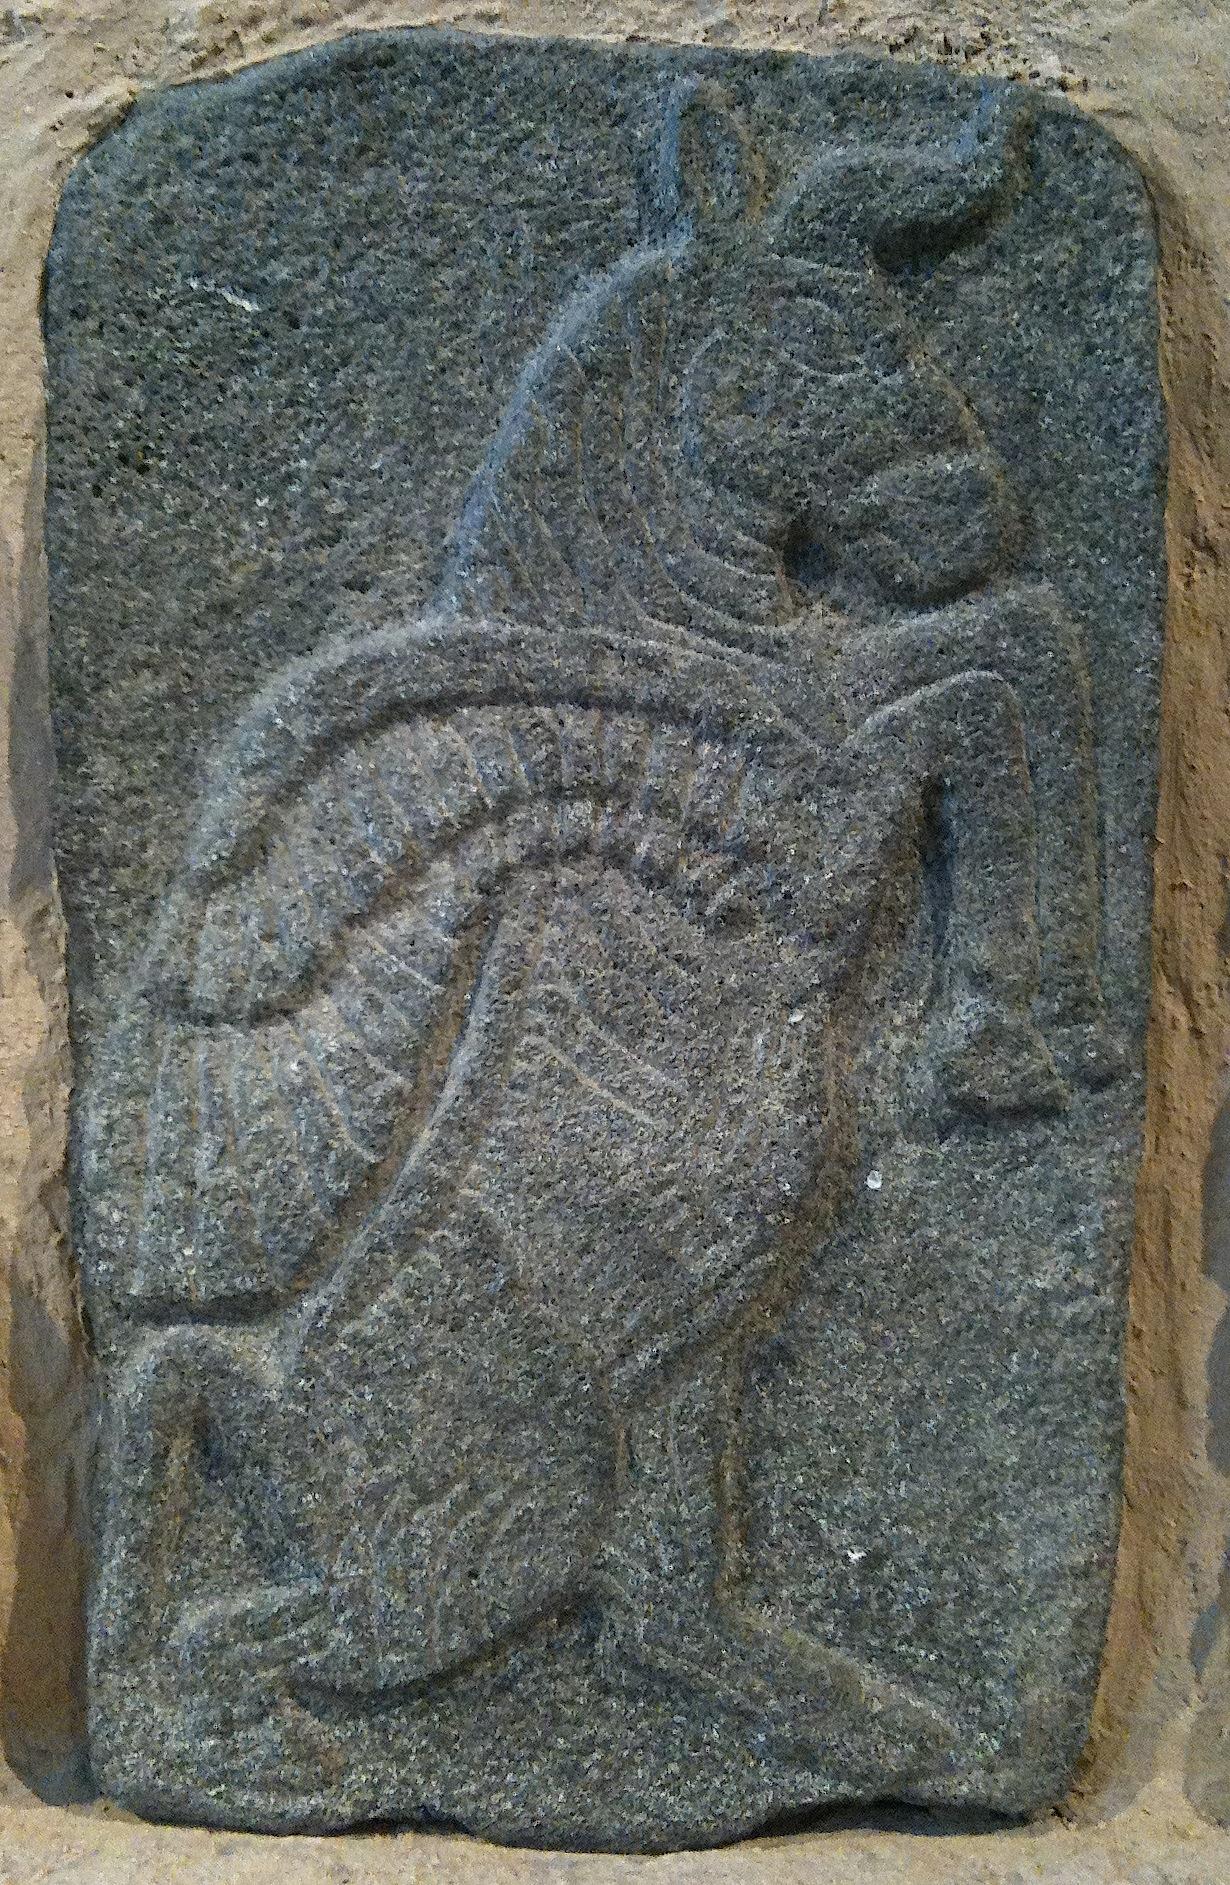 """Exposition """"Les dieux sauvés de Tell Halaf"""". Pergamonmuseum Berlin. Bas-reliefs"""